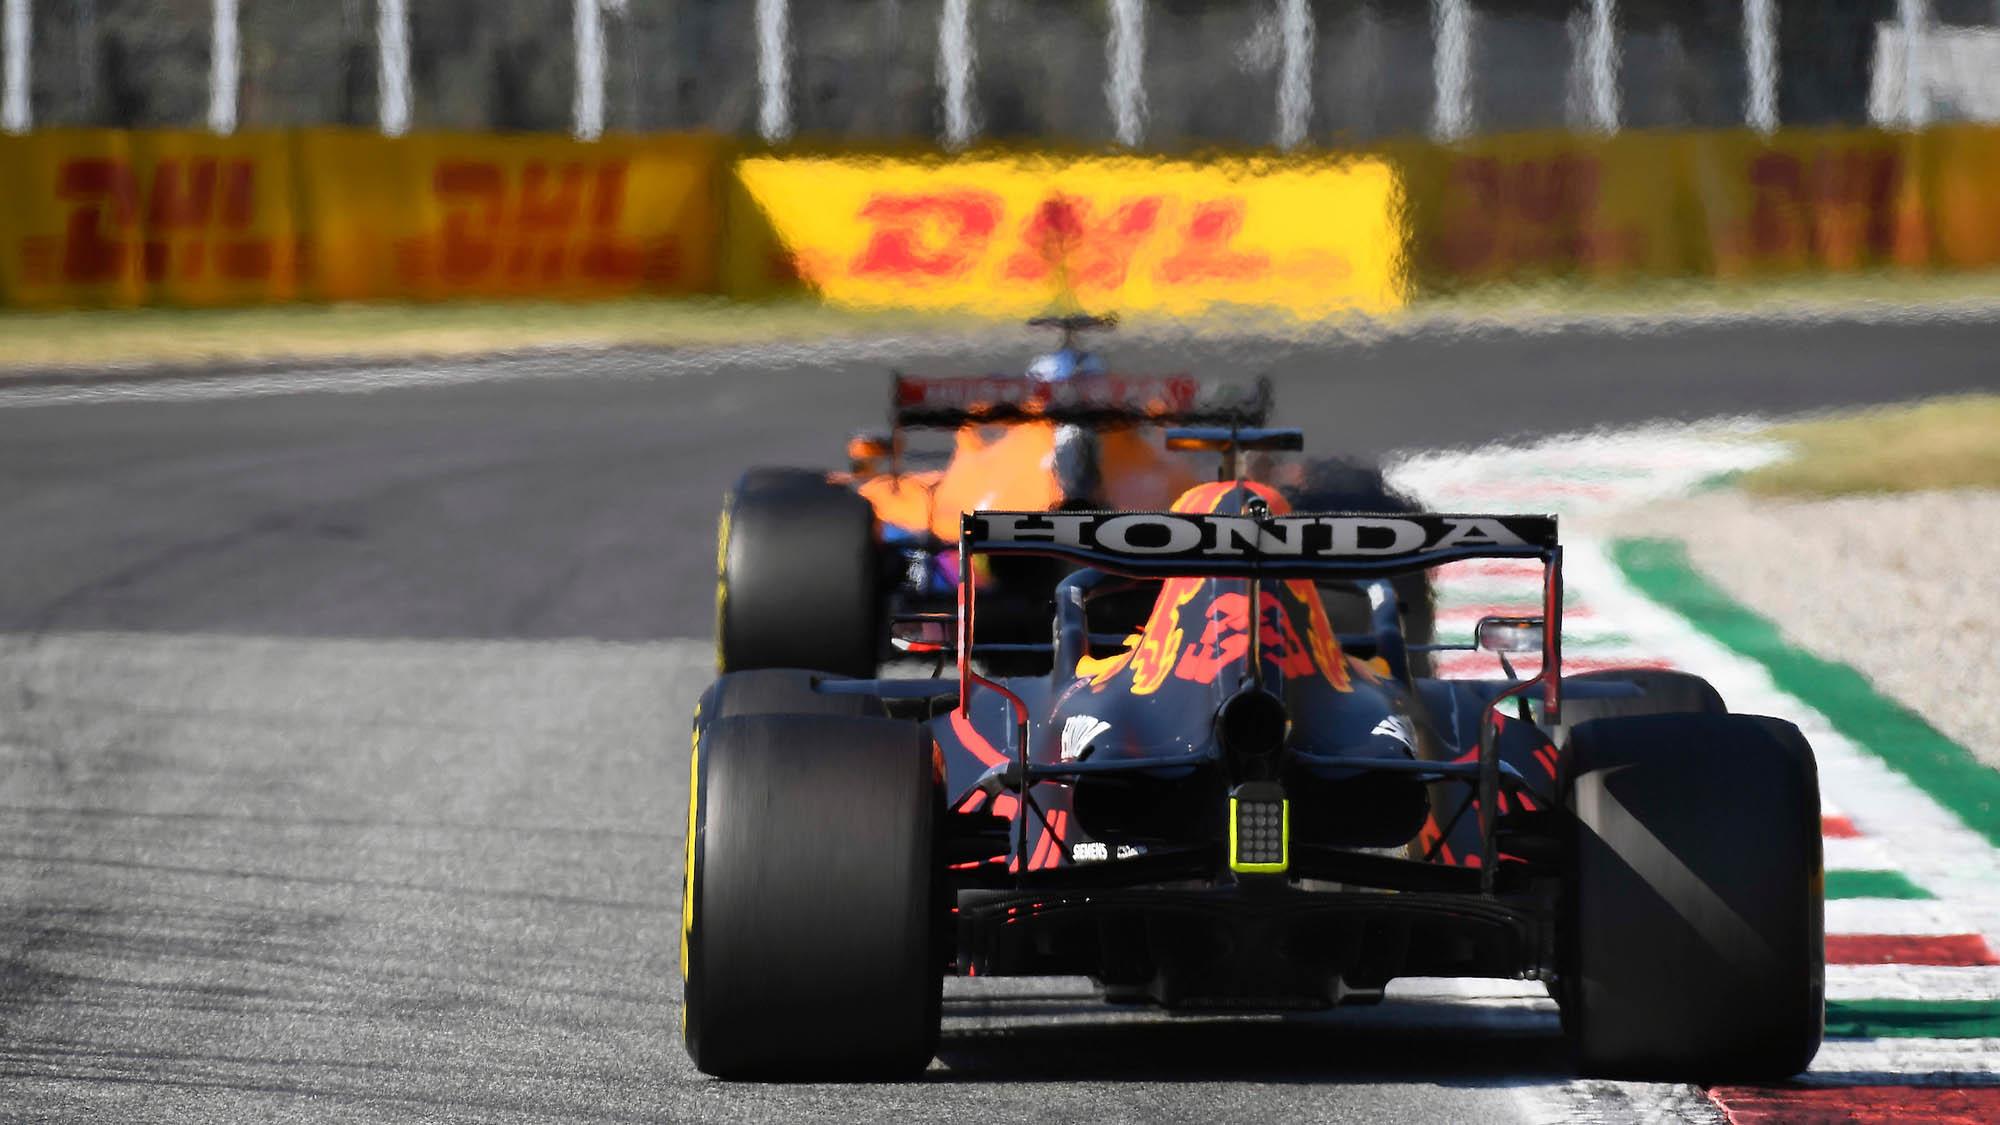 Max Verstappen follows McLaren of Daniel ricciardo at Monza